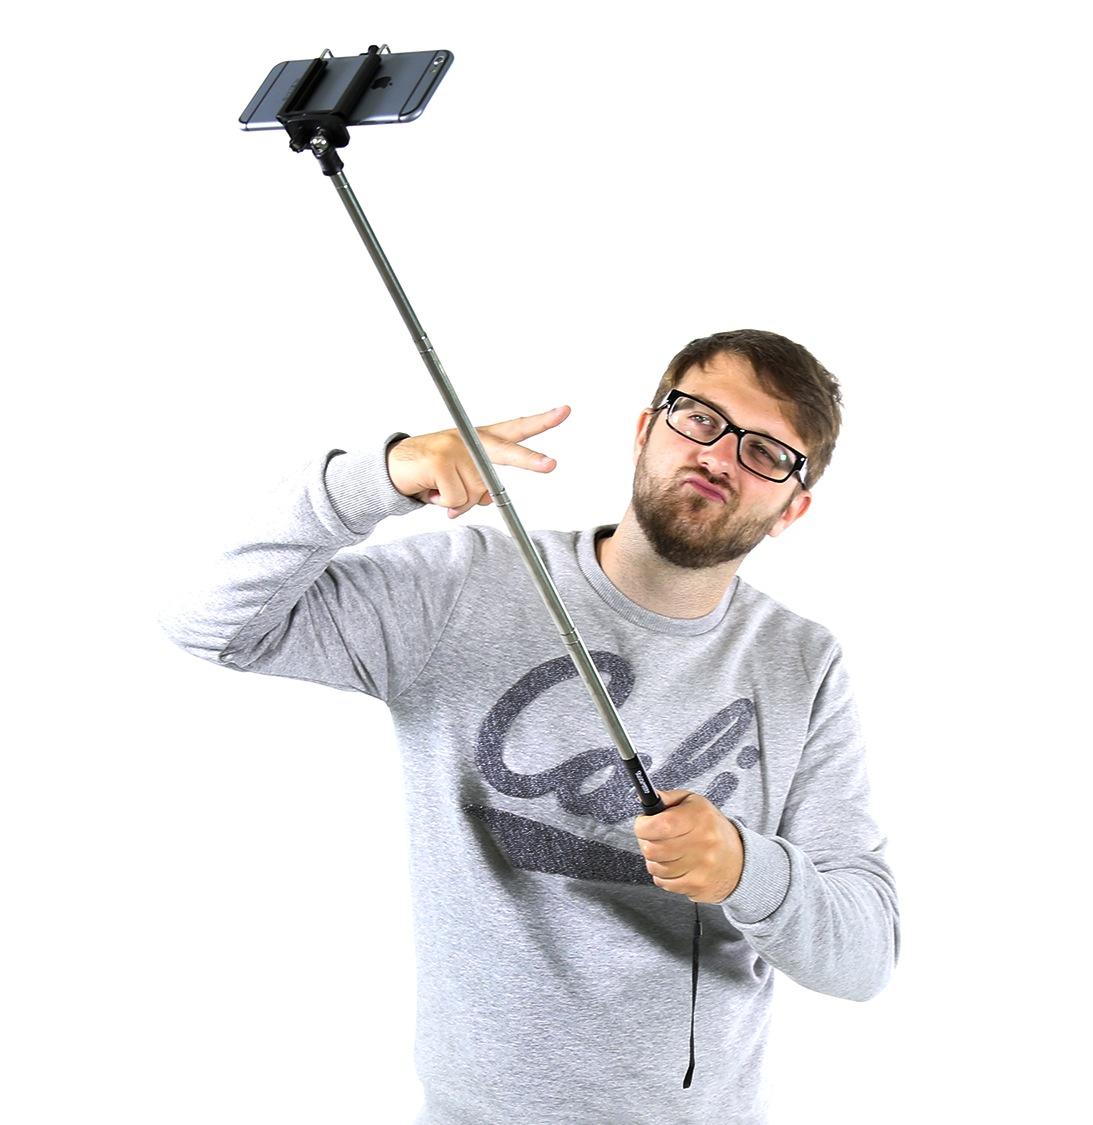 Der SelfieBOSS ist zuständig für die besten Selbstporträts der Welt!